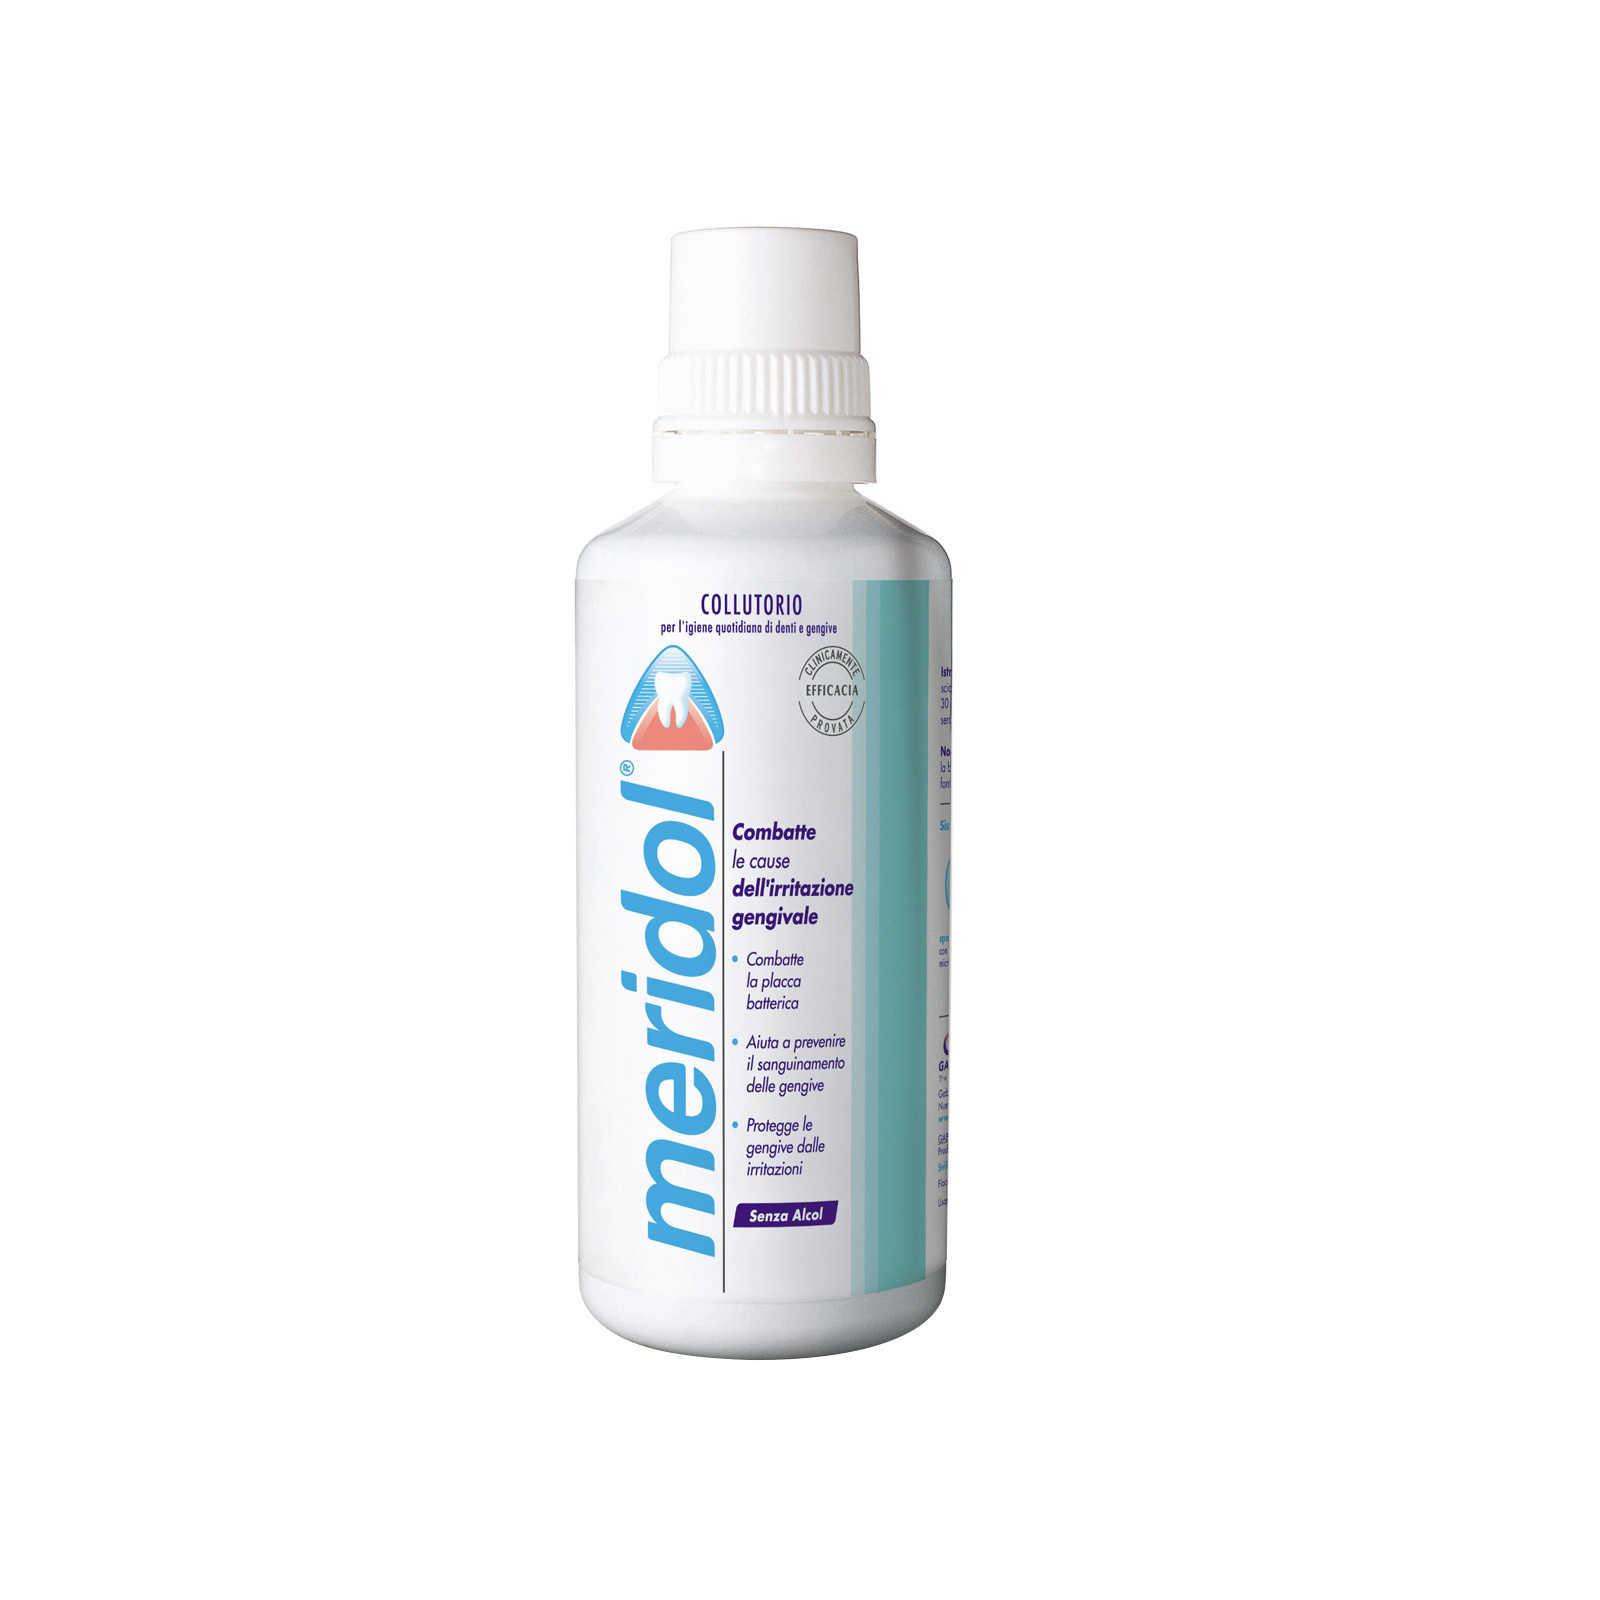 Meridol - Collutorio igiene quotidiana di denti e gengive